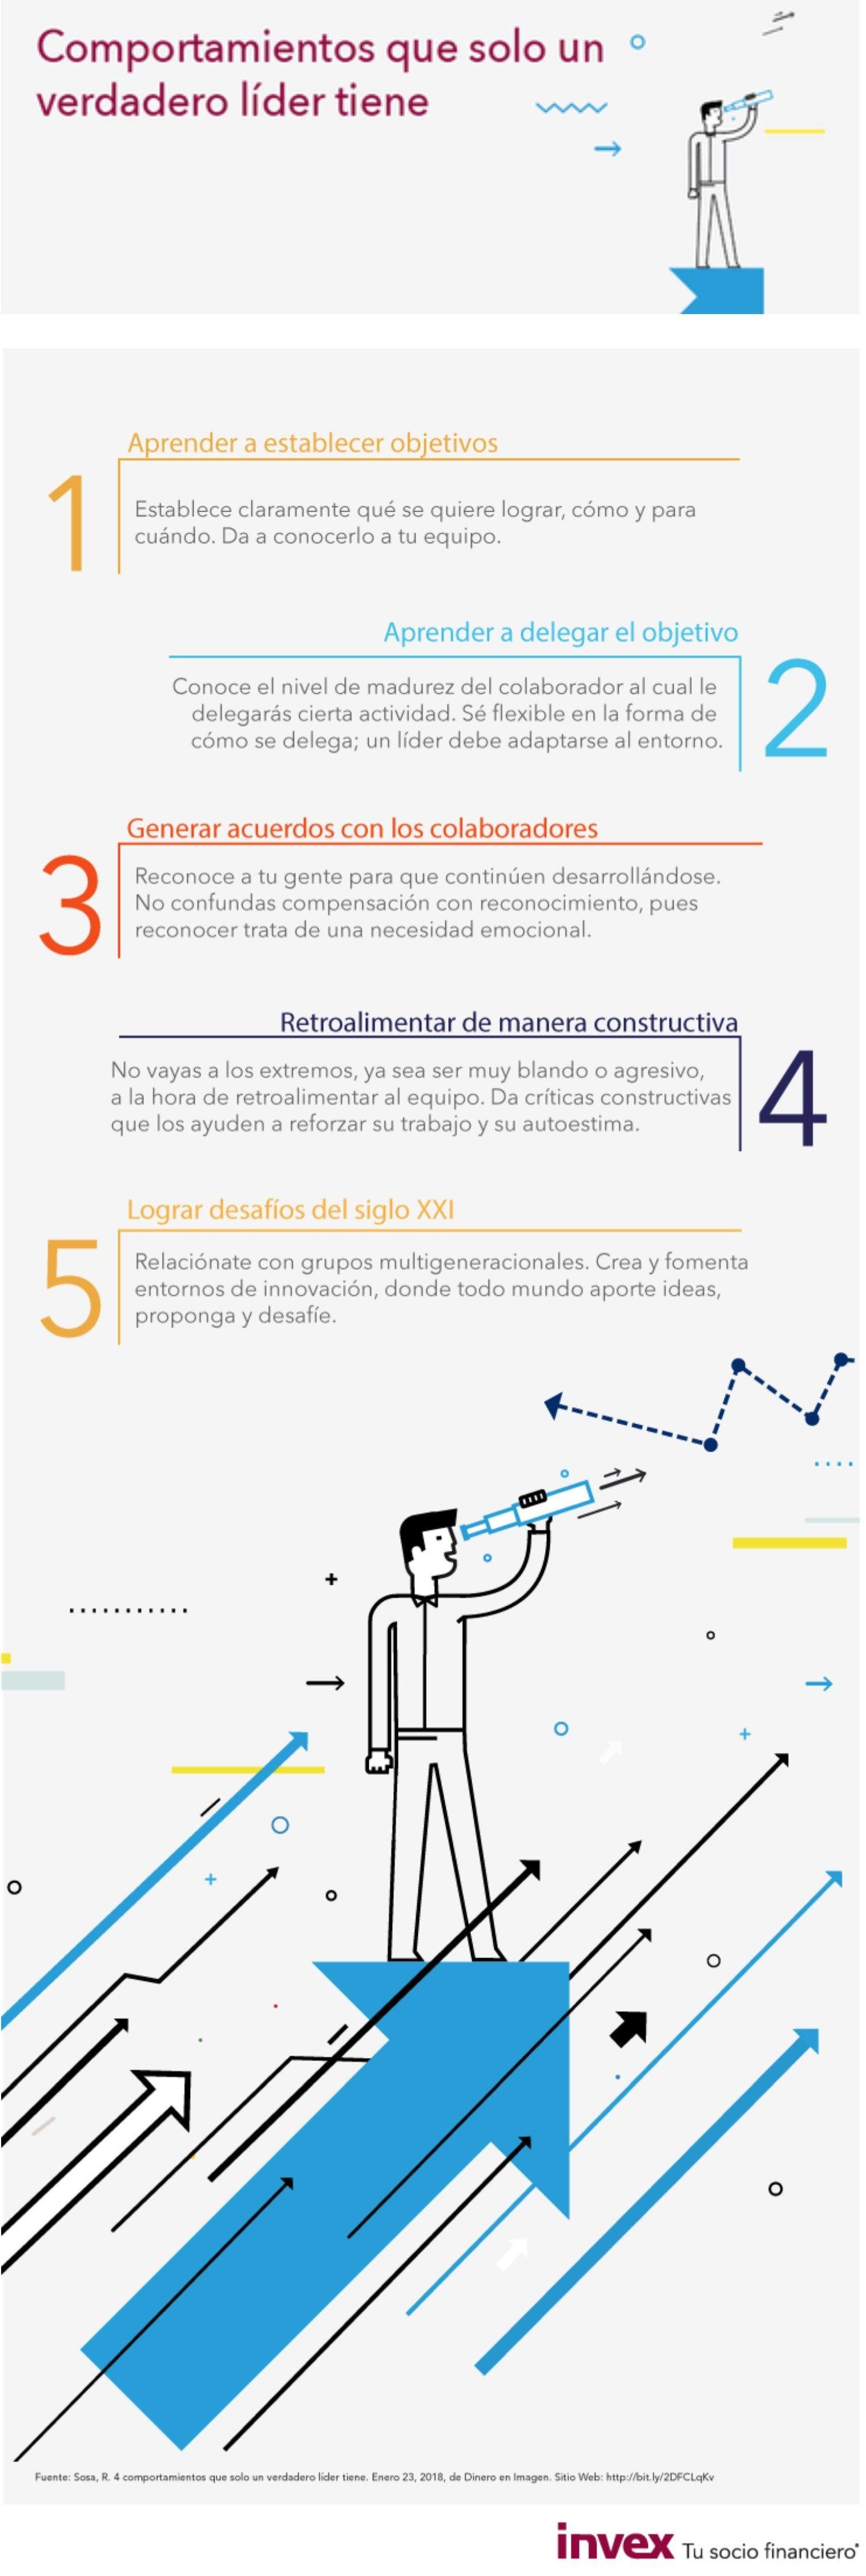 5 comportamientos que sólo un verdadero líder tiene #inforgafia ...